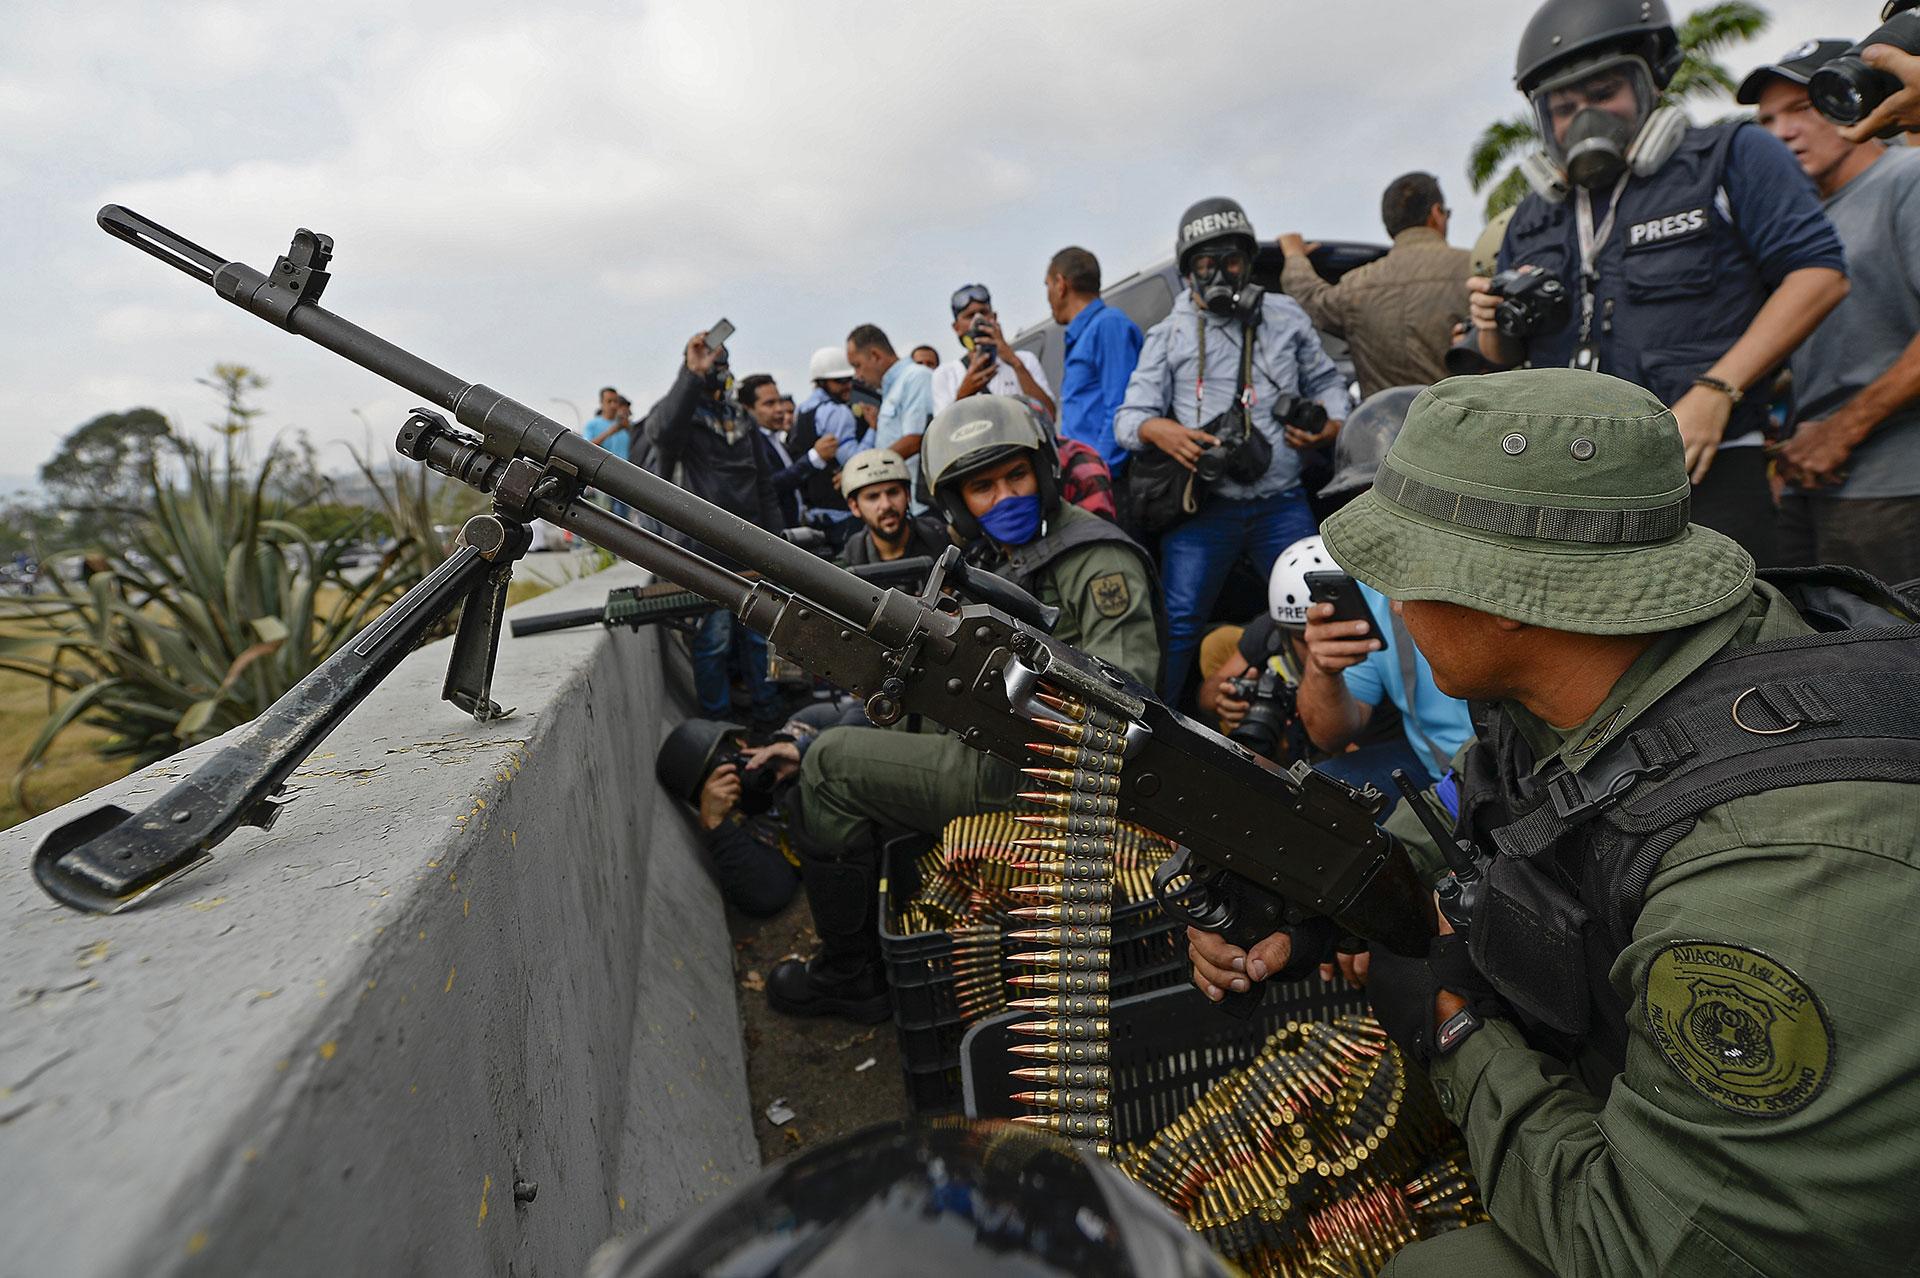 Miembros de las Fuerzas Armadas venezolanas que apoyan al presidente interino Juan Guaidó montaron puestos de guardia en las inmediaciones de la base aérea de La Carlota